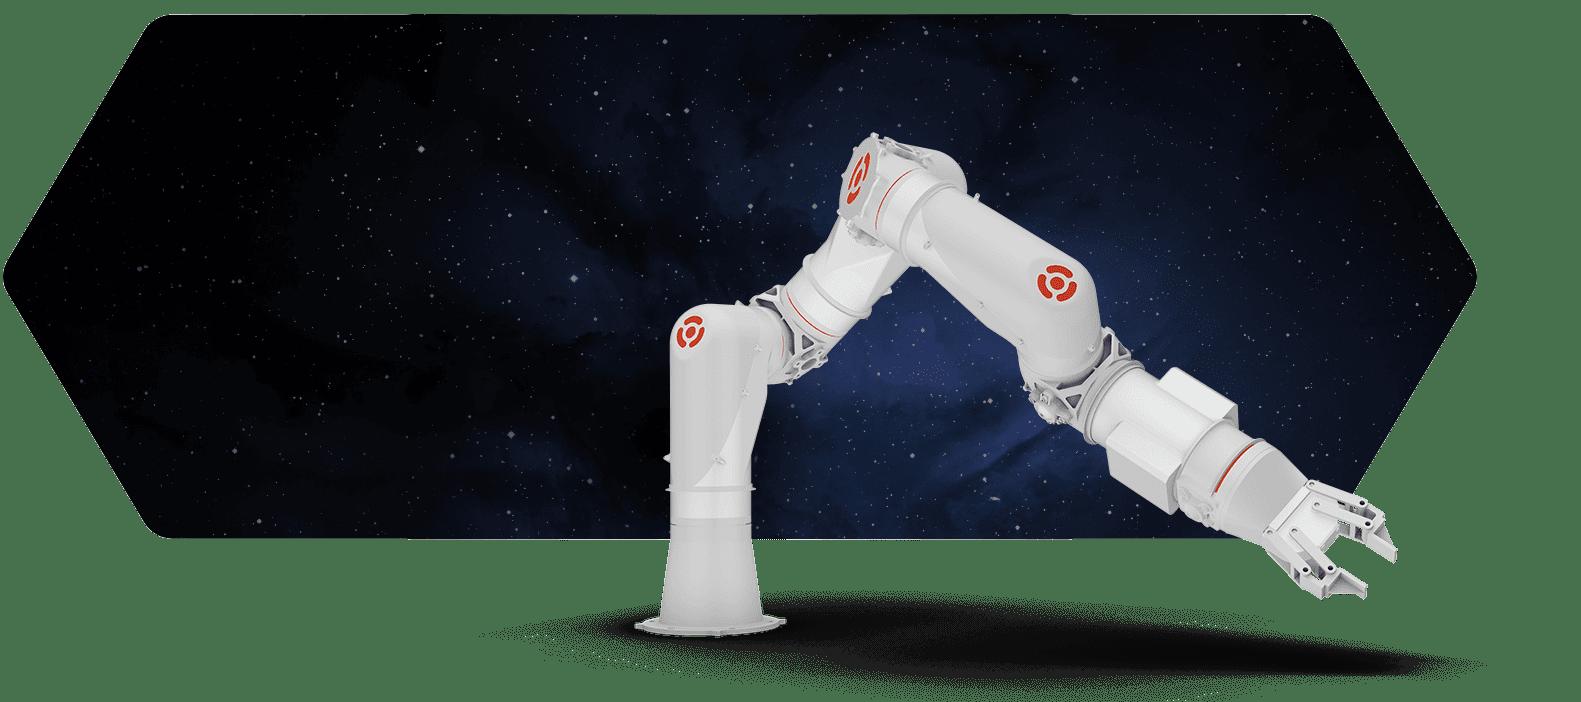 Robotics Project - xlink